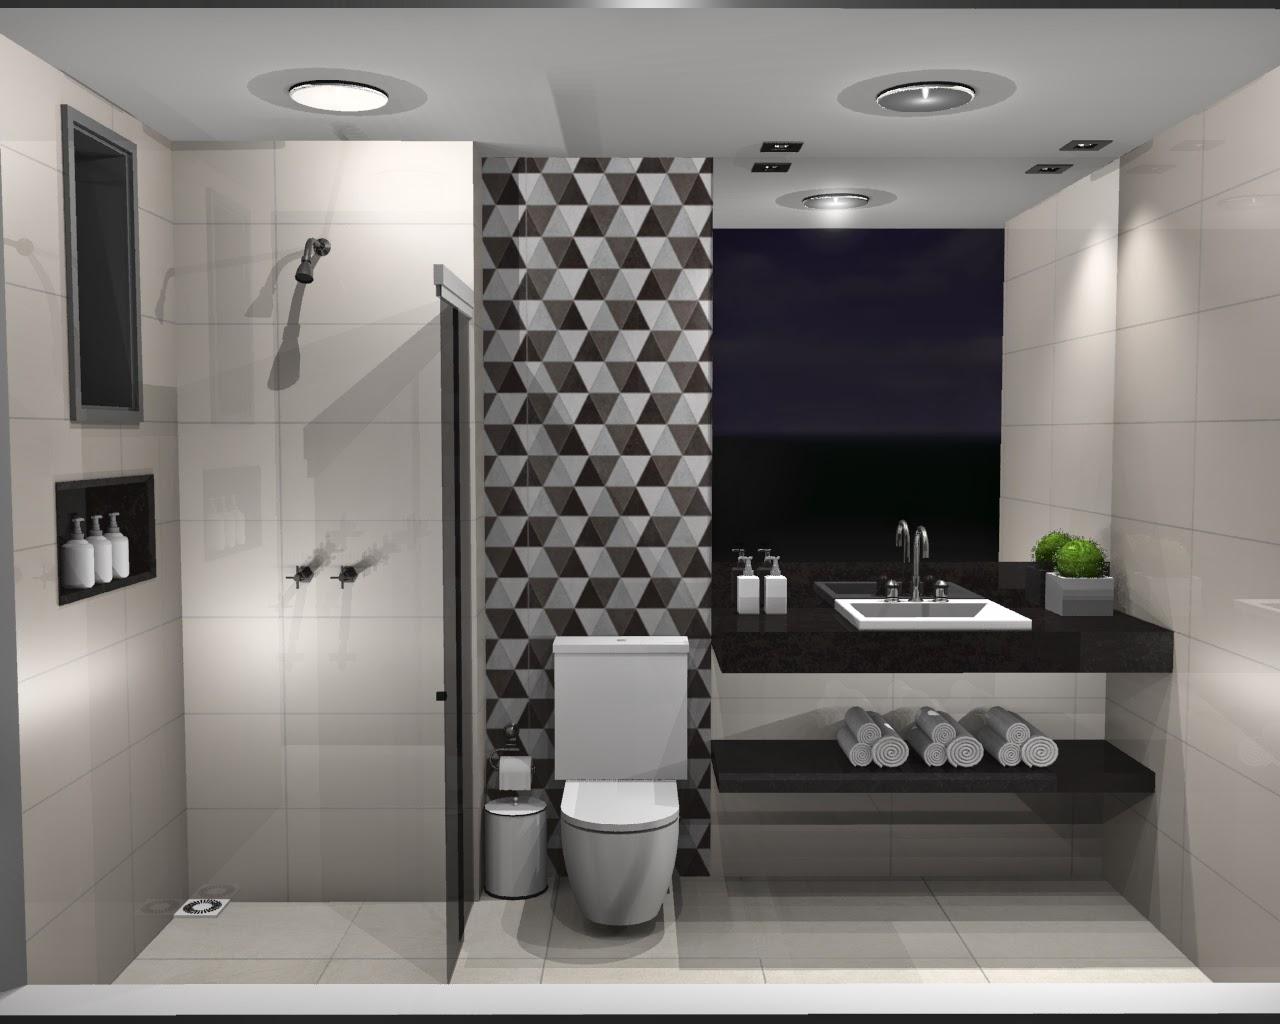 Porcelanato acetinado com estampa geométrica tamanho 60x60 retificado #496123 1280x1024 Banheiro Com Porcelanato Retificado